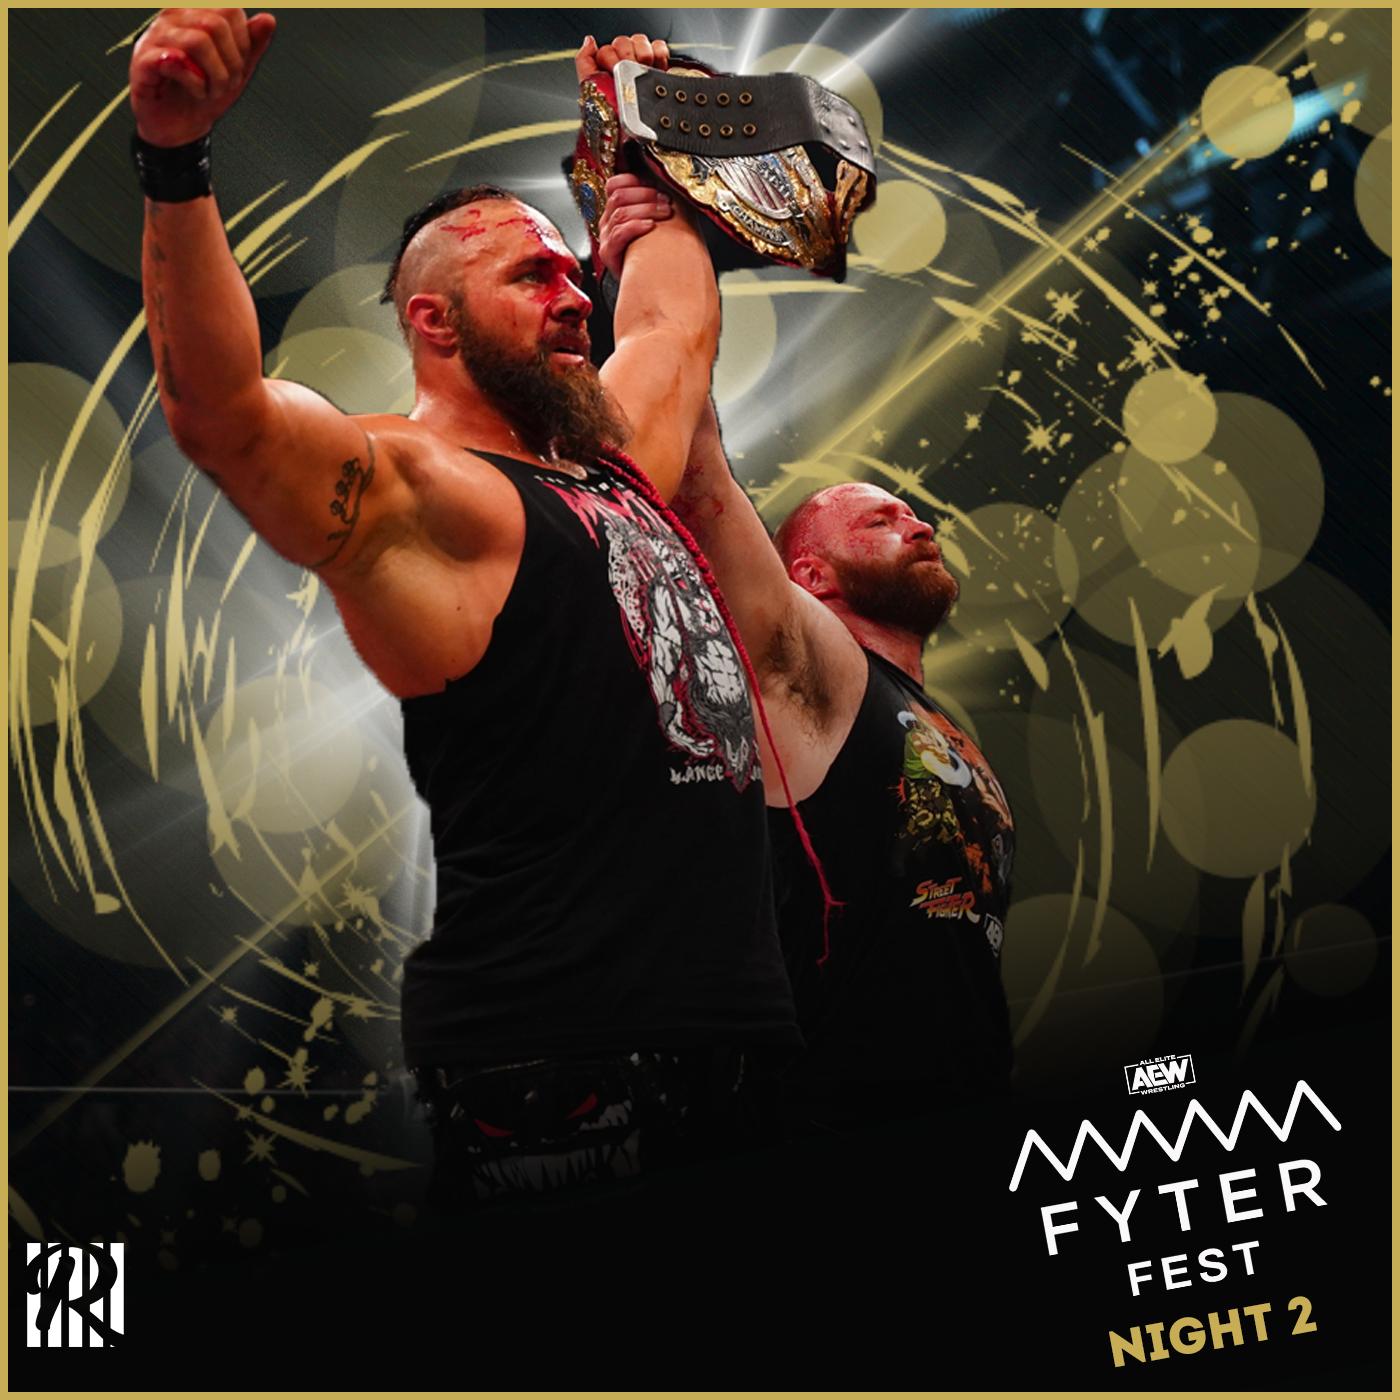 Review AEW FYTER FEST nuit 2 : Un épisode à la mode DEATHMATCH 💥